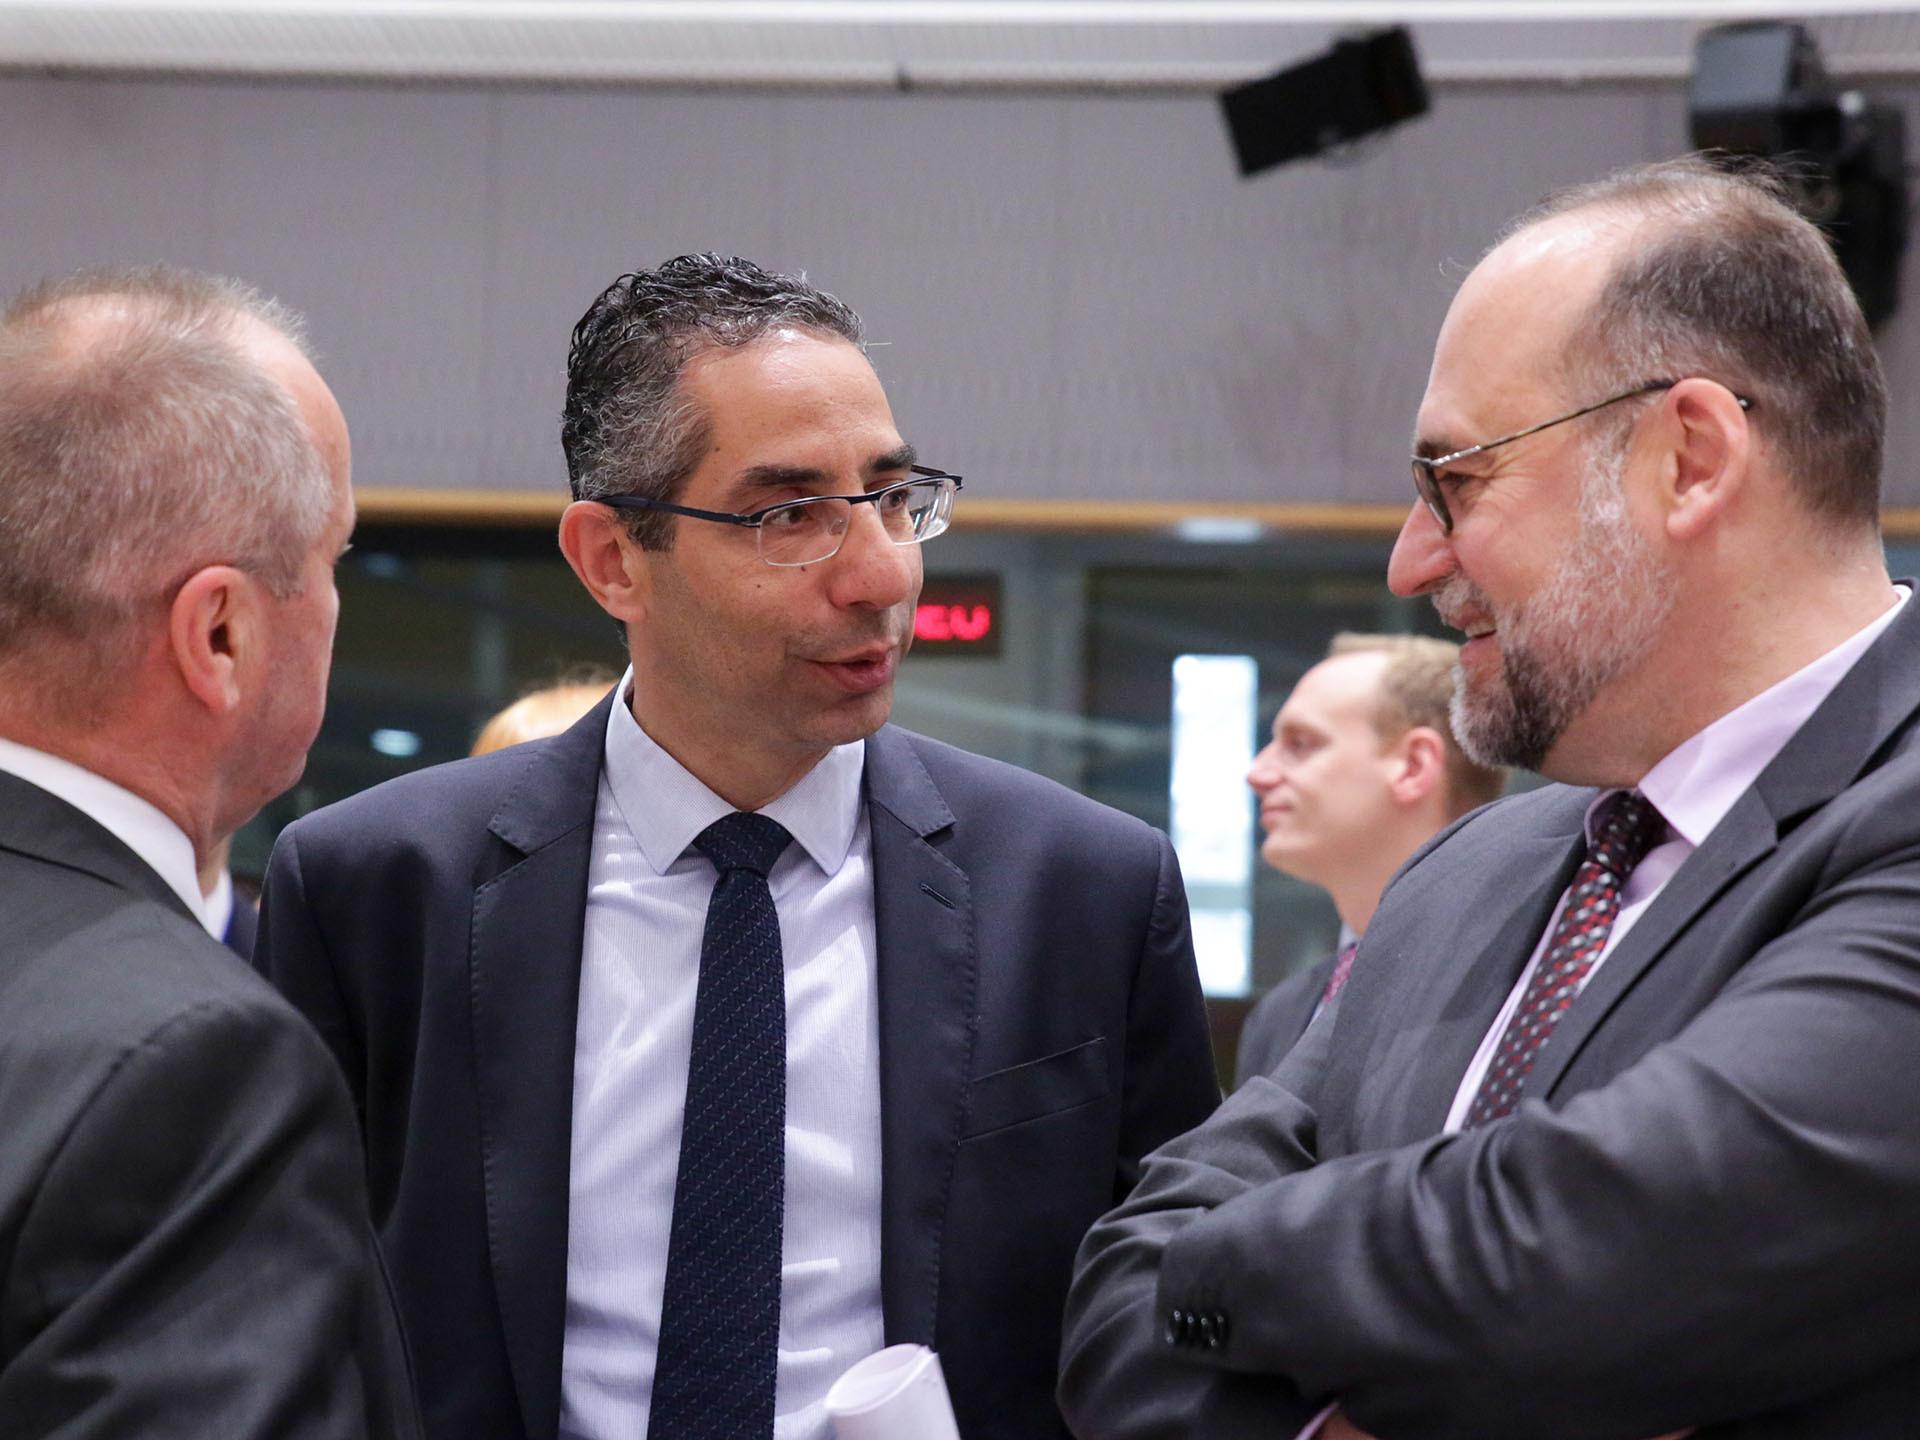 ΥΠΑΜ: Η Κύπρος θα εξαντλήσει τα νόμιμα μέσα για να σταματήσει η Τουρκία να αμφισβητεί τα κυριαρχικά της δικαιώματα